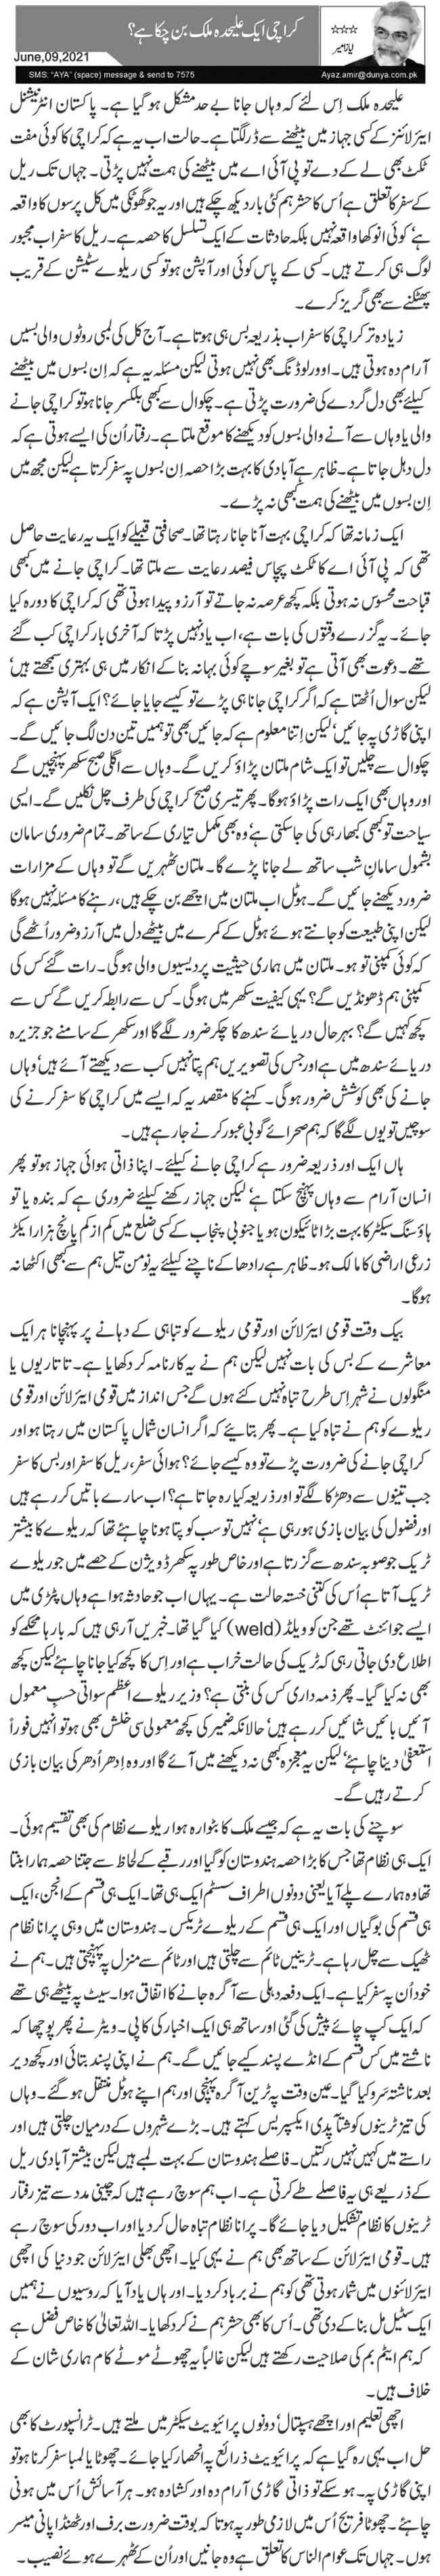 کراچی ایک علیحدہ ملک بن چکا ہے؟